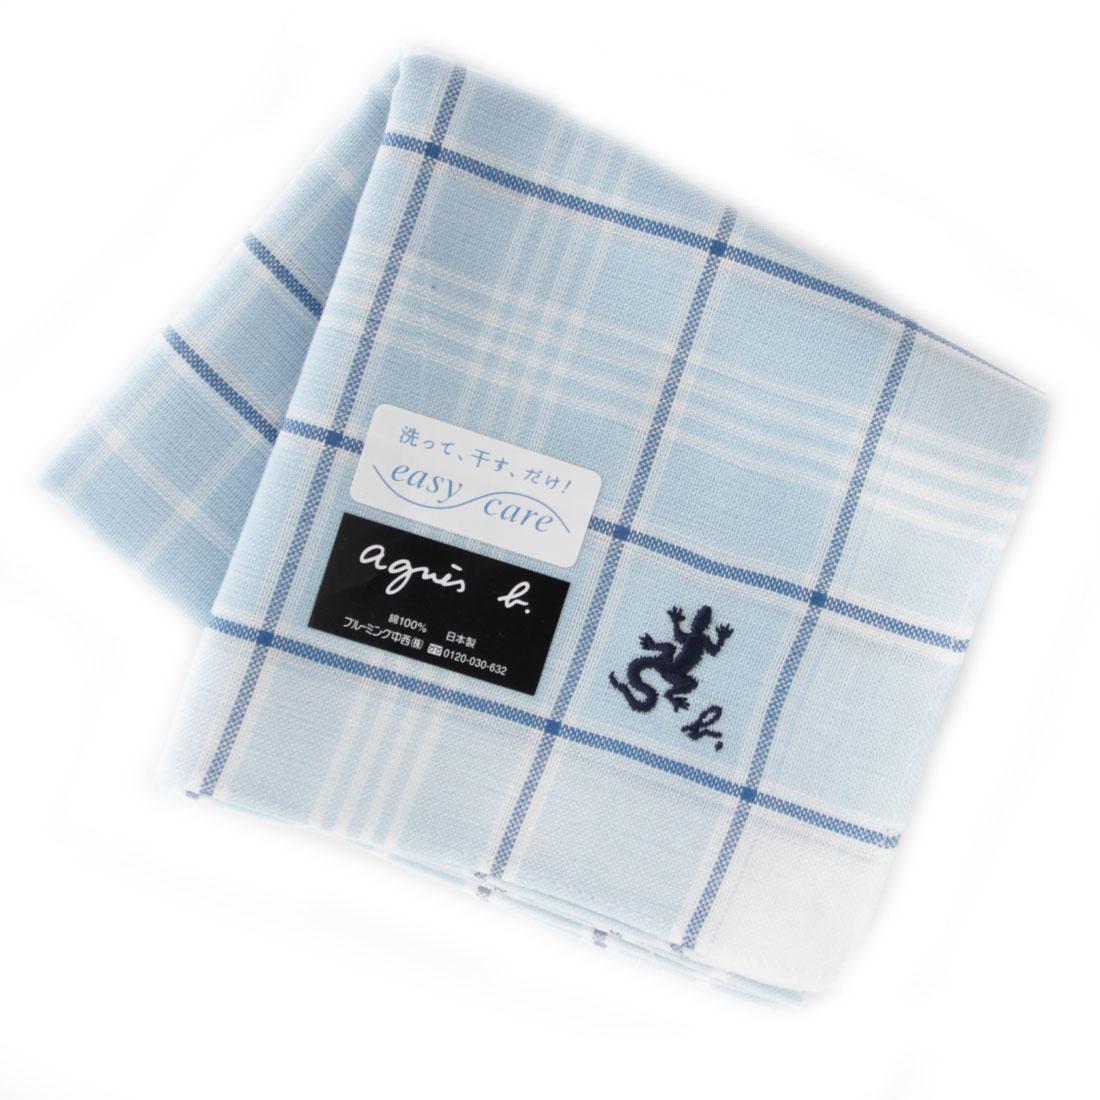 今だけスーパーセール限定 agnes b アニエスベー メンズ ブルー ハンカチ イージーケア 0254 お買い得